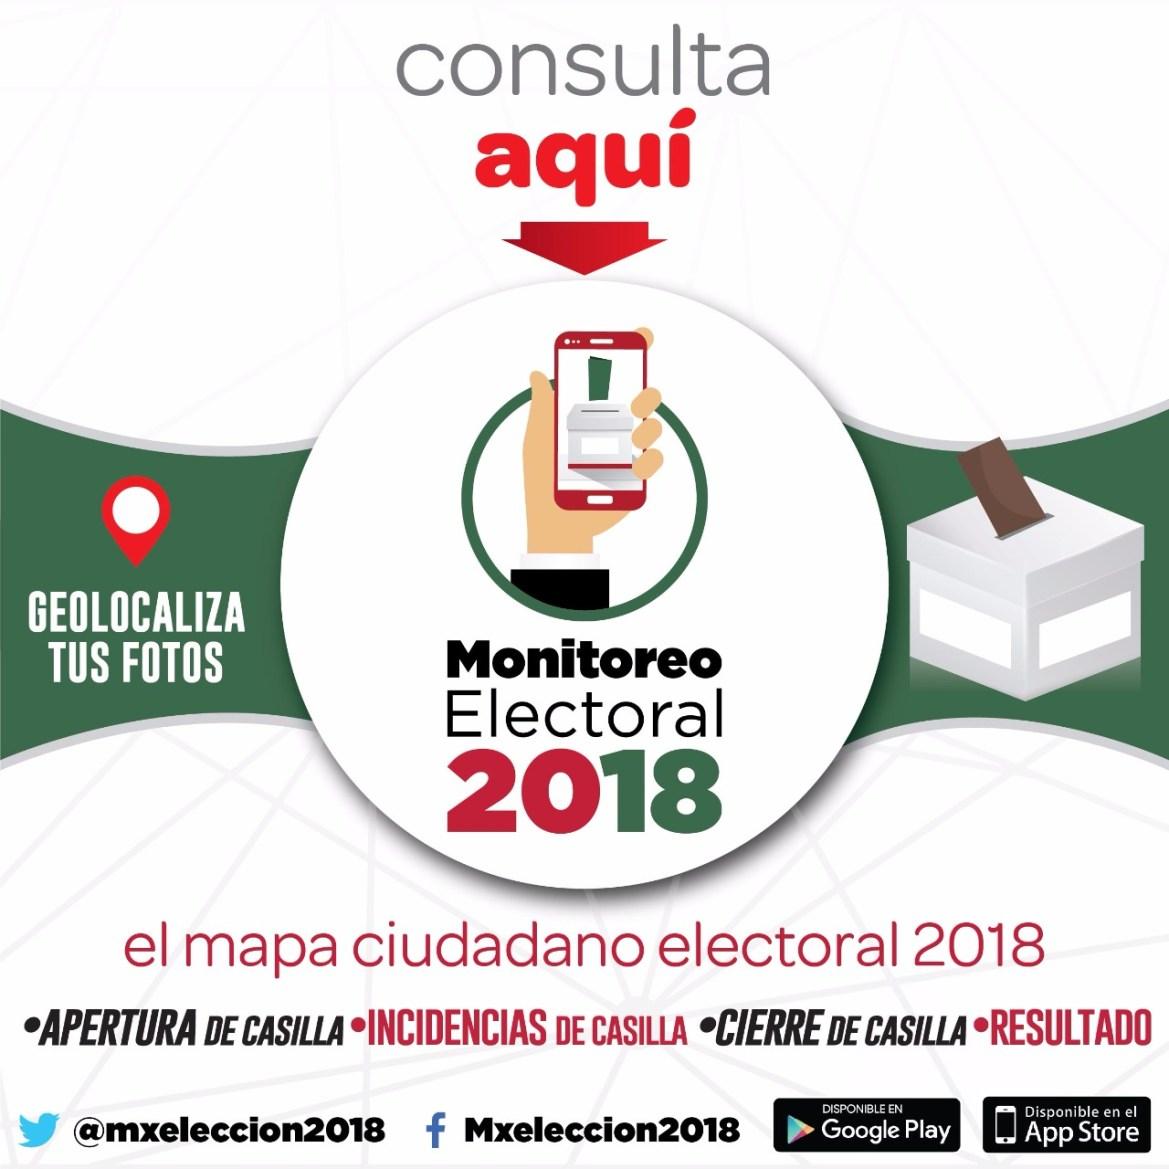 MxEleccion2018